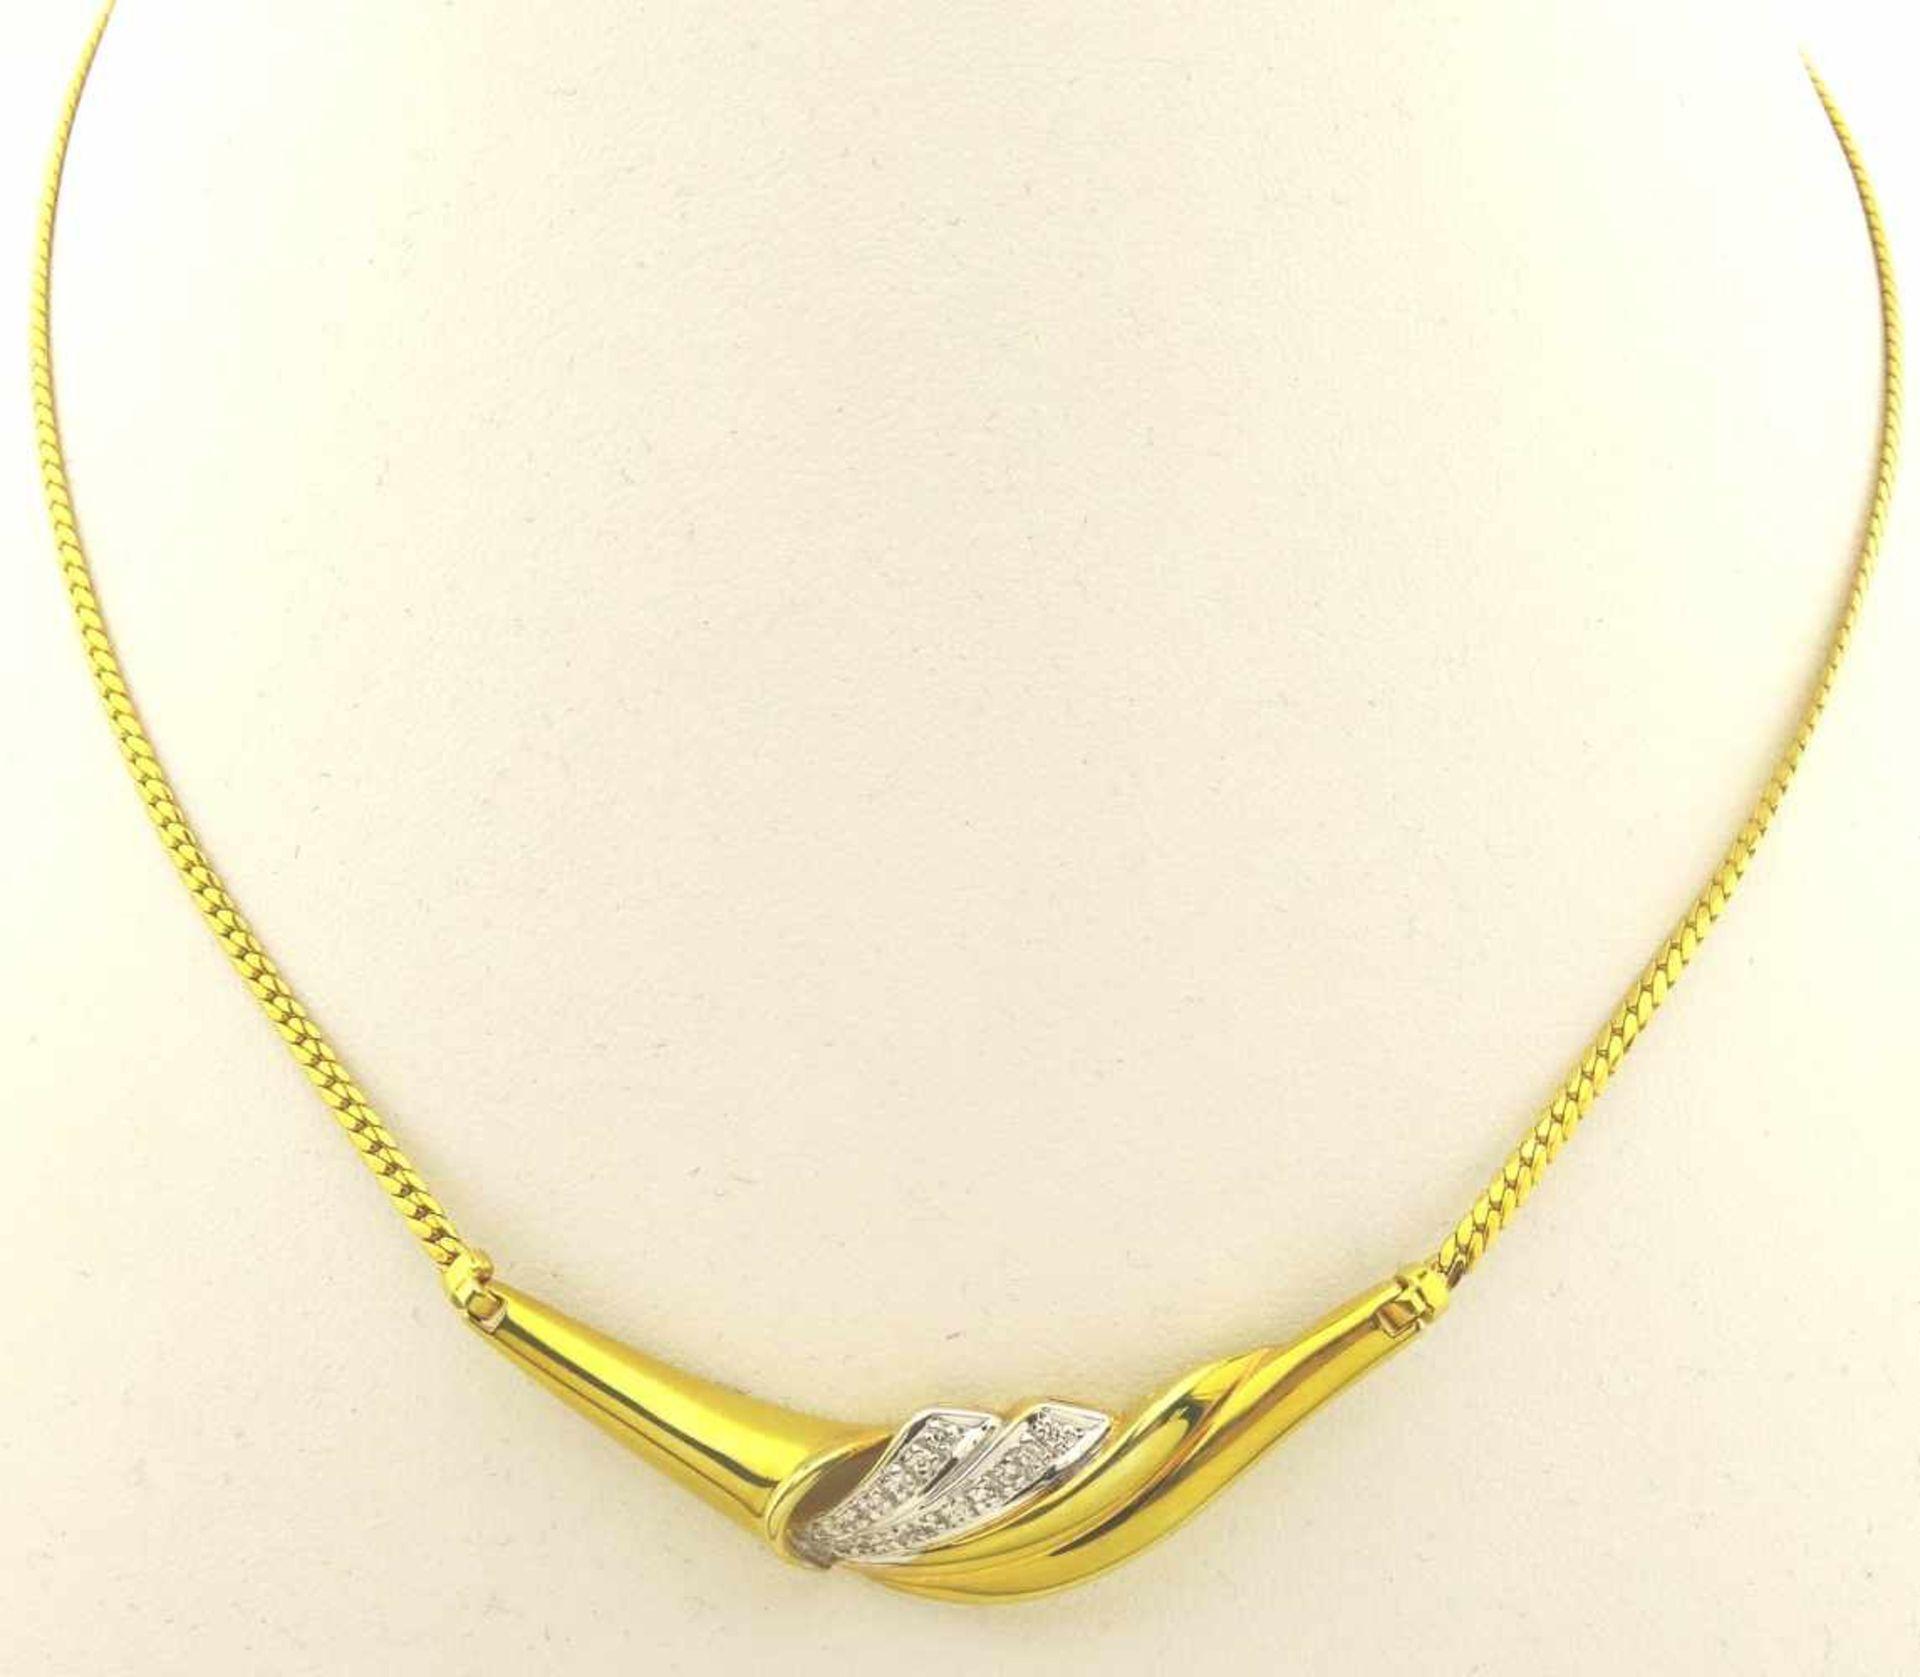 Los 18 - Collier 585 Gold 2 farbiges Collier mit 0,11ct. Brillant, Länge gesamt ca. 43cm, Gewicht ca. 12,